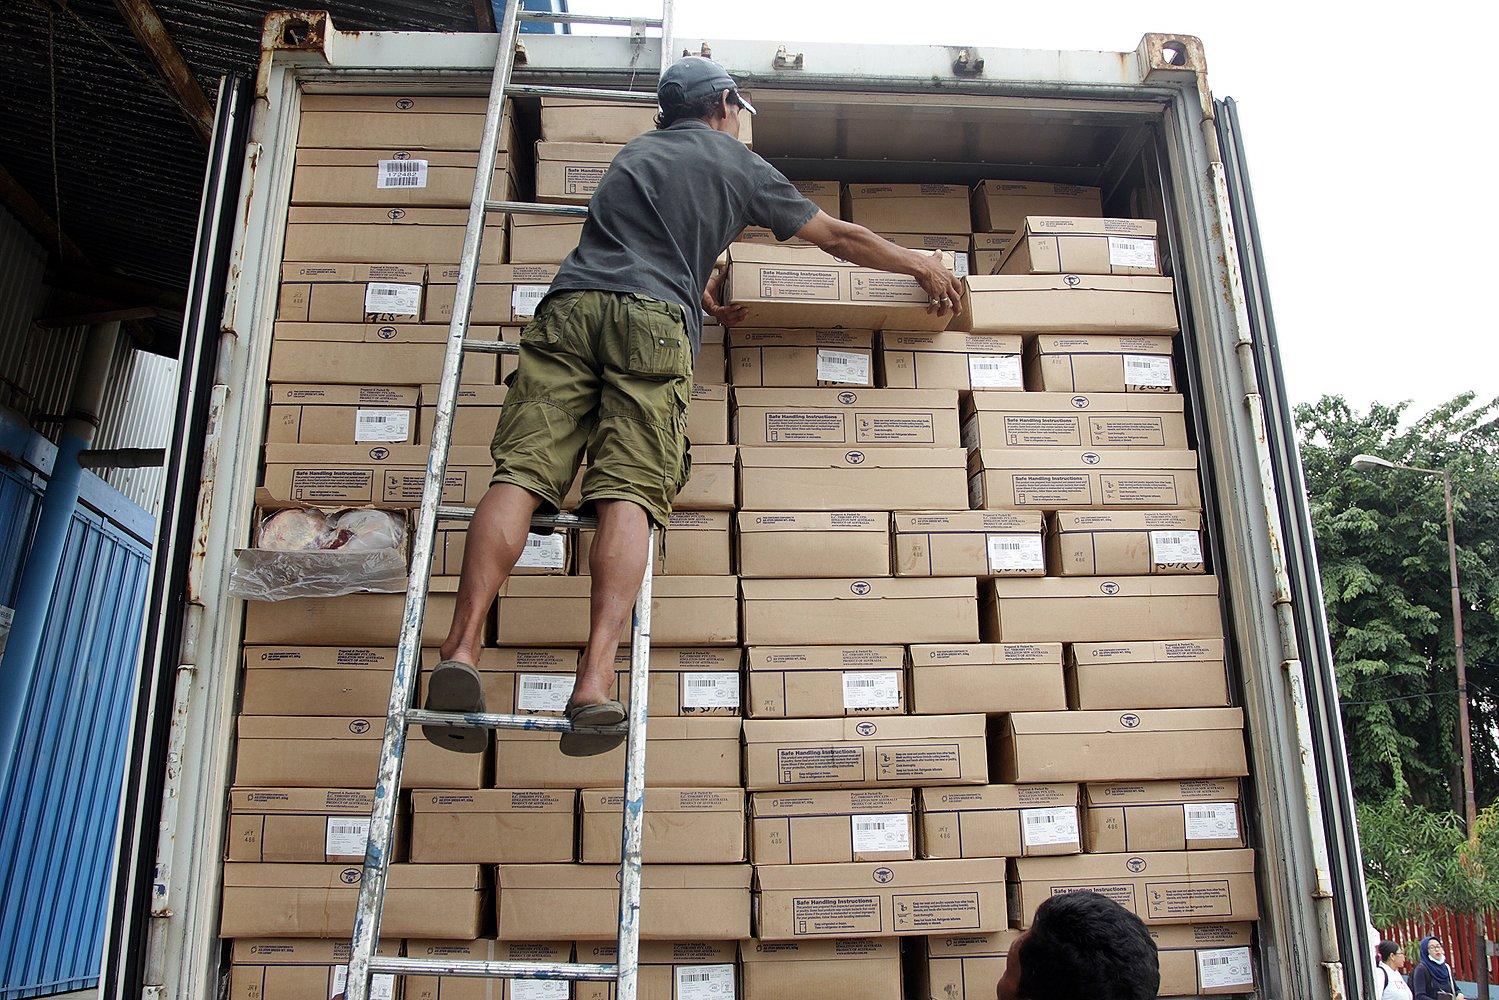 Sebanyak 300 ton daging beku sapi impor asal Australia dibawa menggunakan 10 kontainer dari Pelabuhan Tanjung Priok ke gudang Bulog di Kelapa Gading, Jakarta Utara, Kamis (9/6).